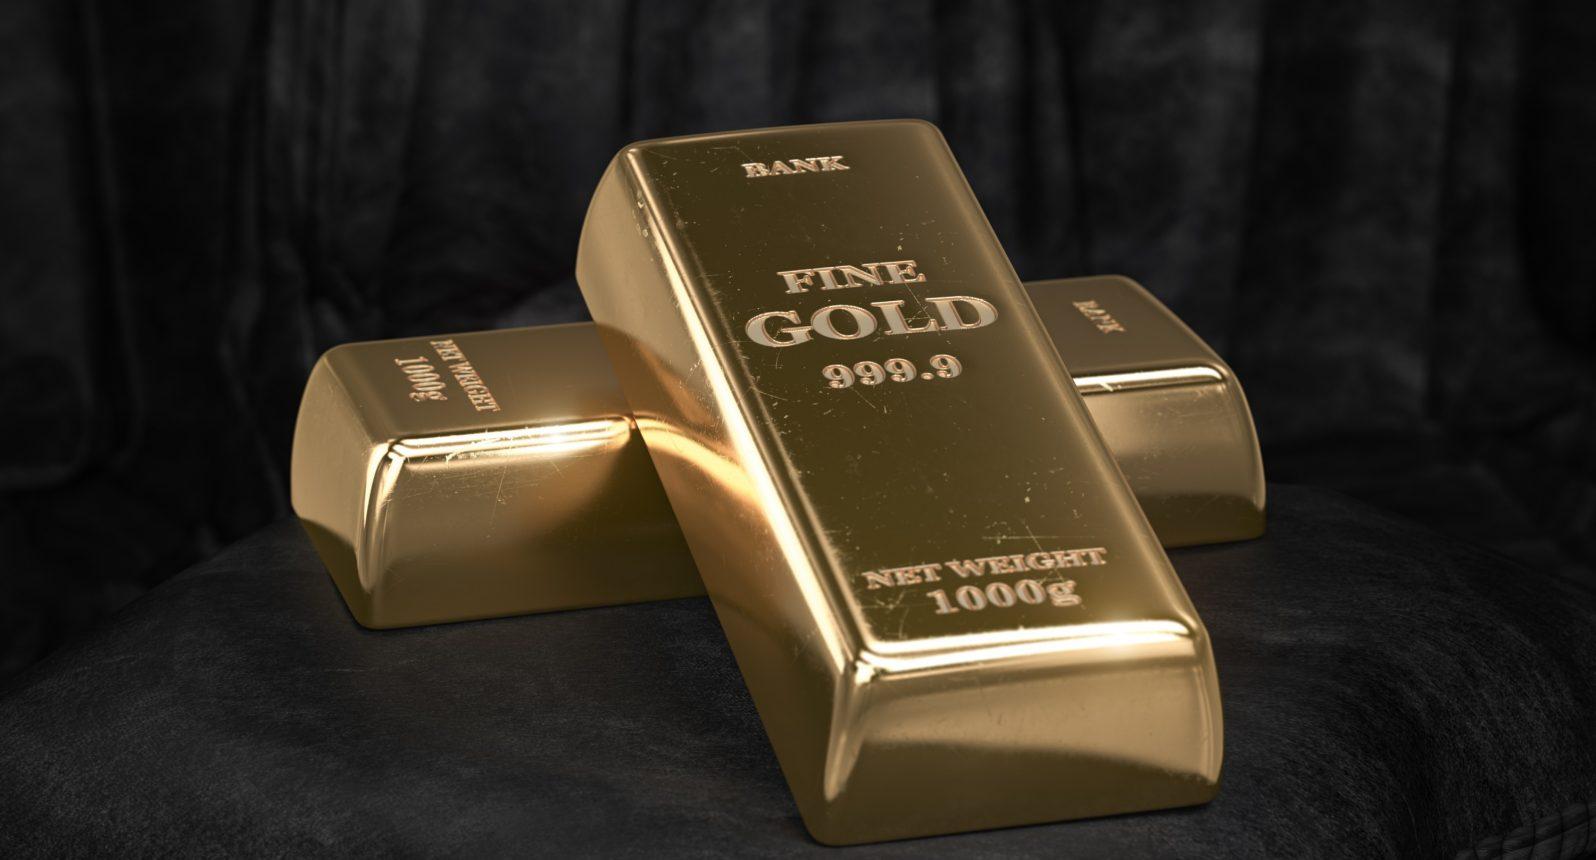 Price of britannia gold coins